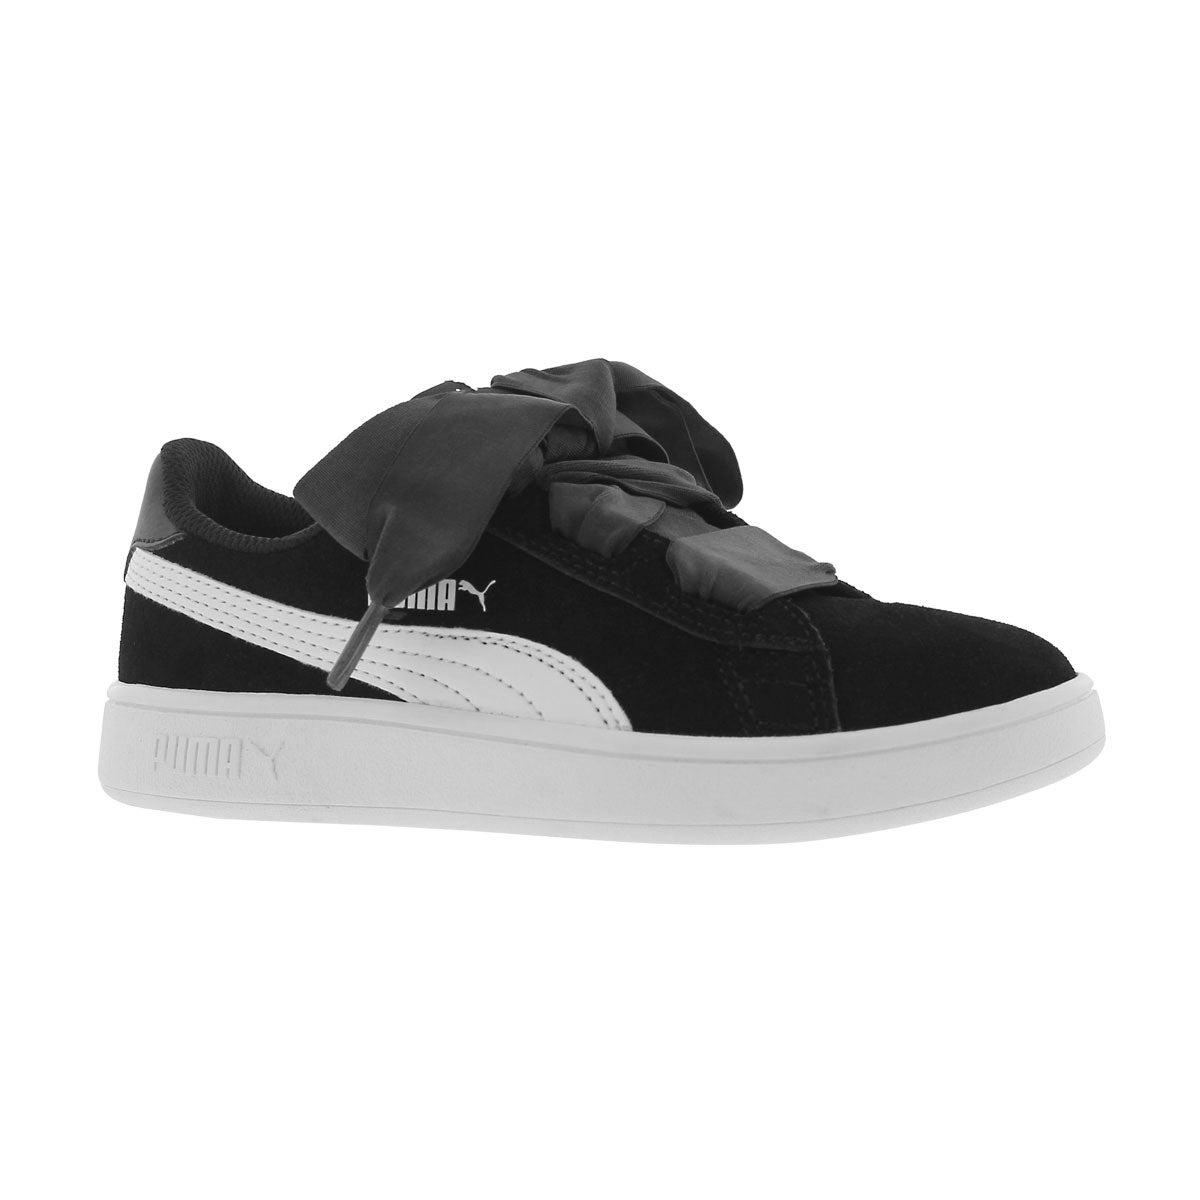 Girls' PUMA SMASH V2 RIBBON blk/wht sneakers